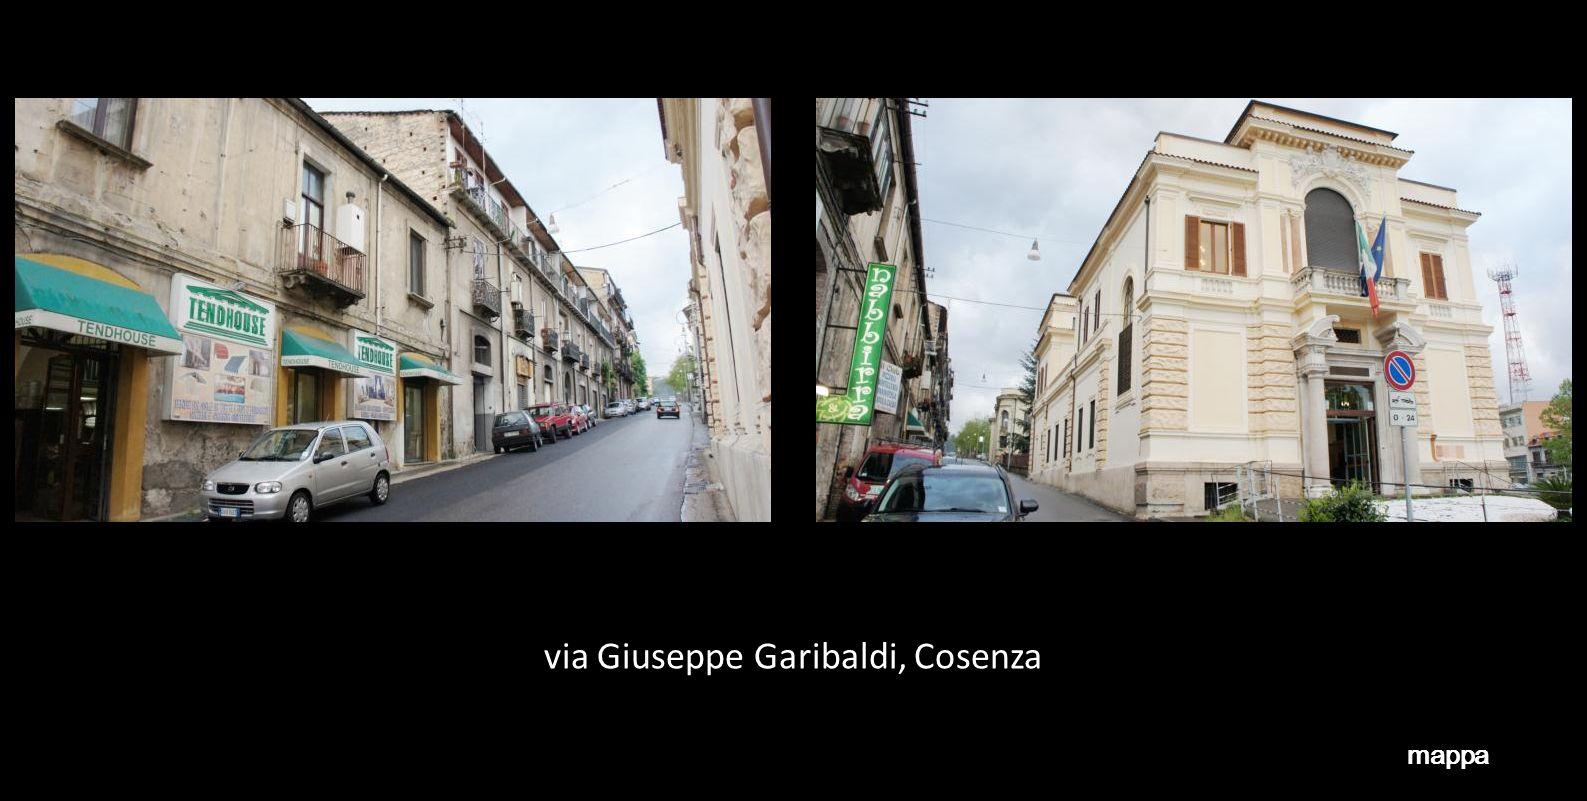 via Giuseppe Garibaldi, Cosenza